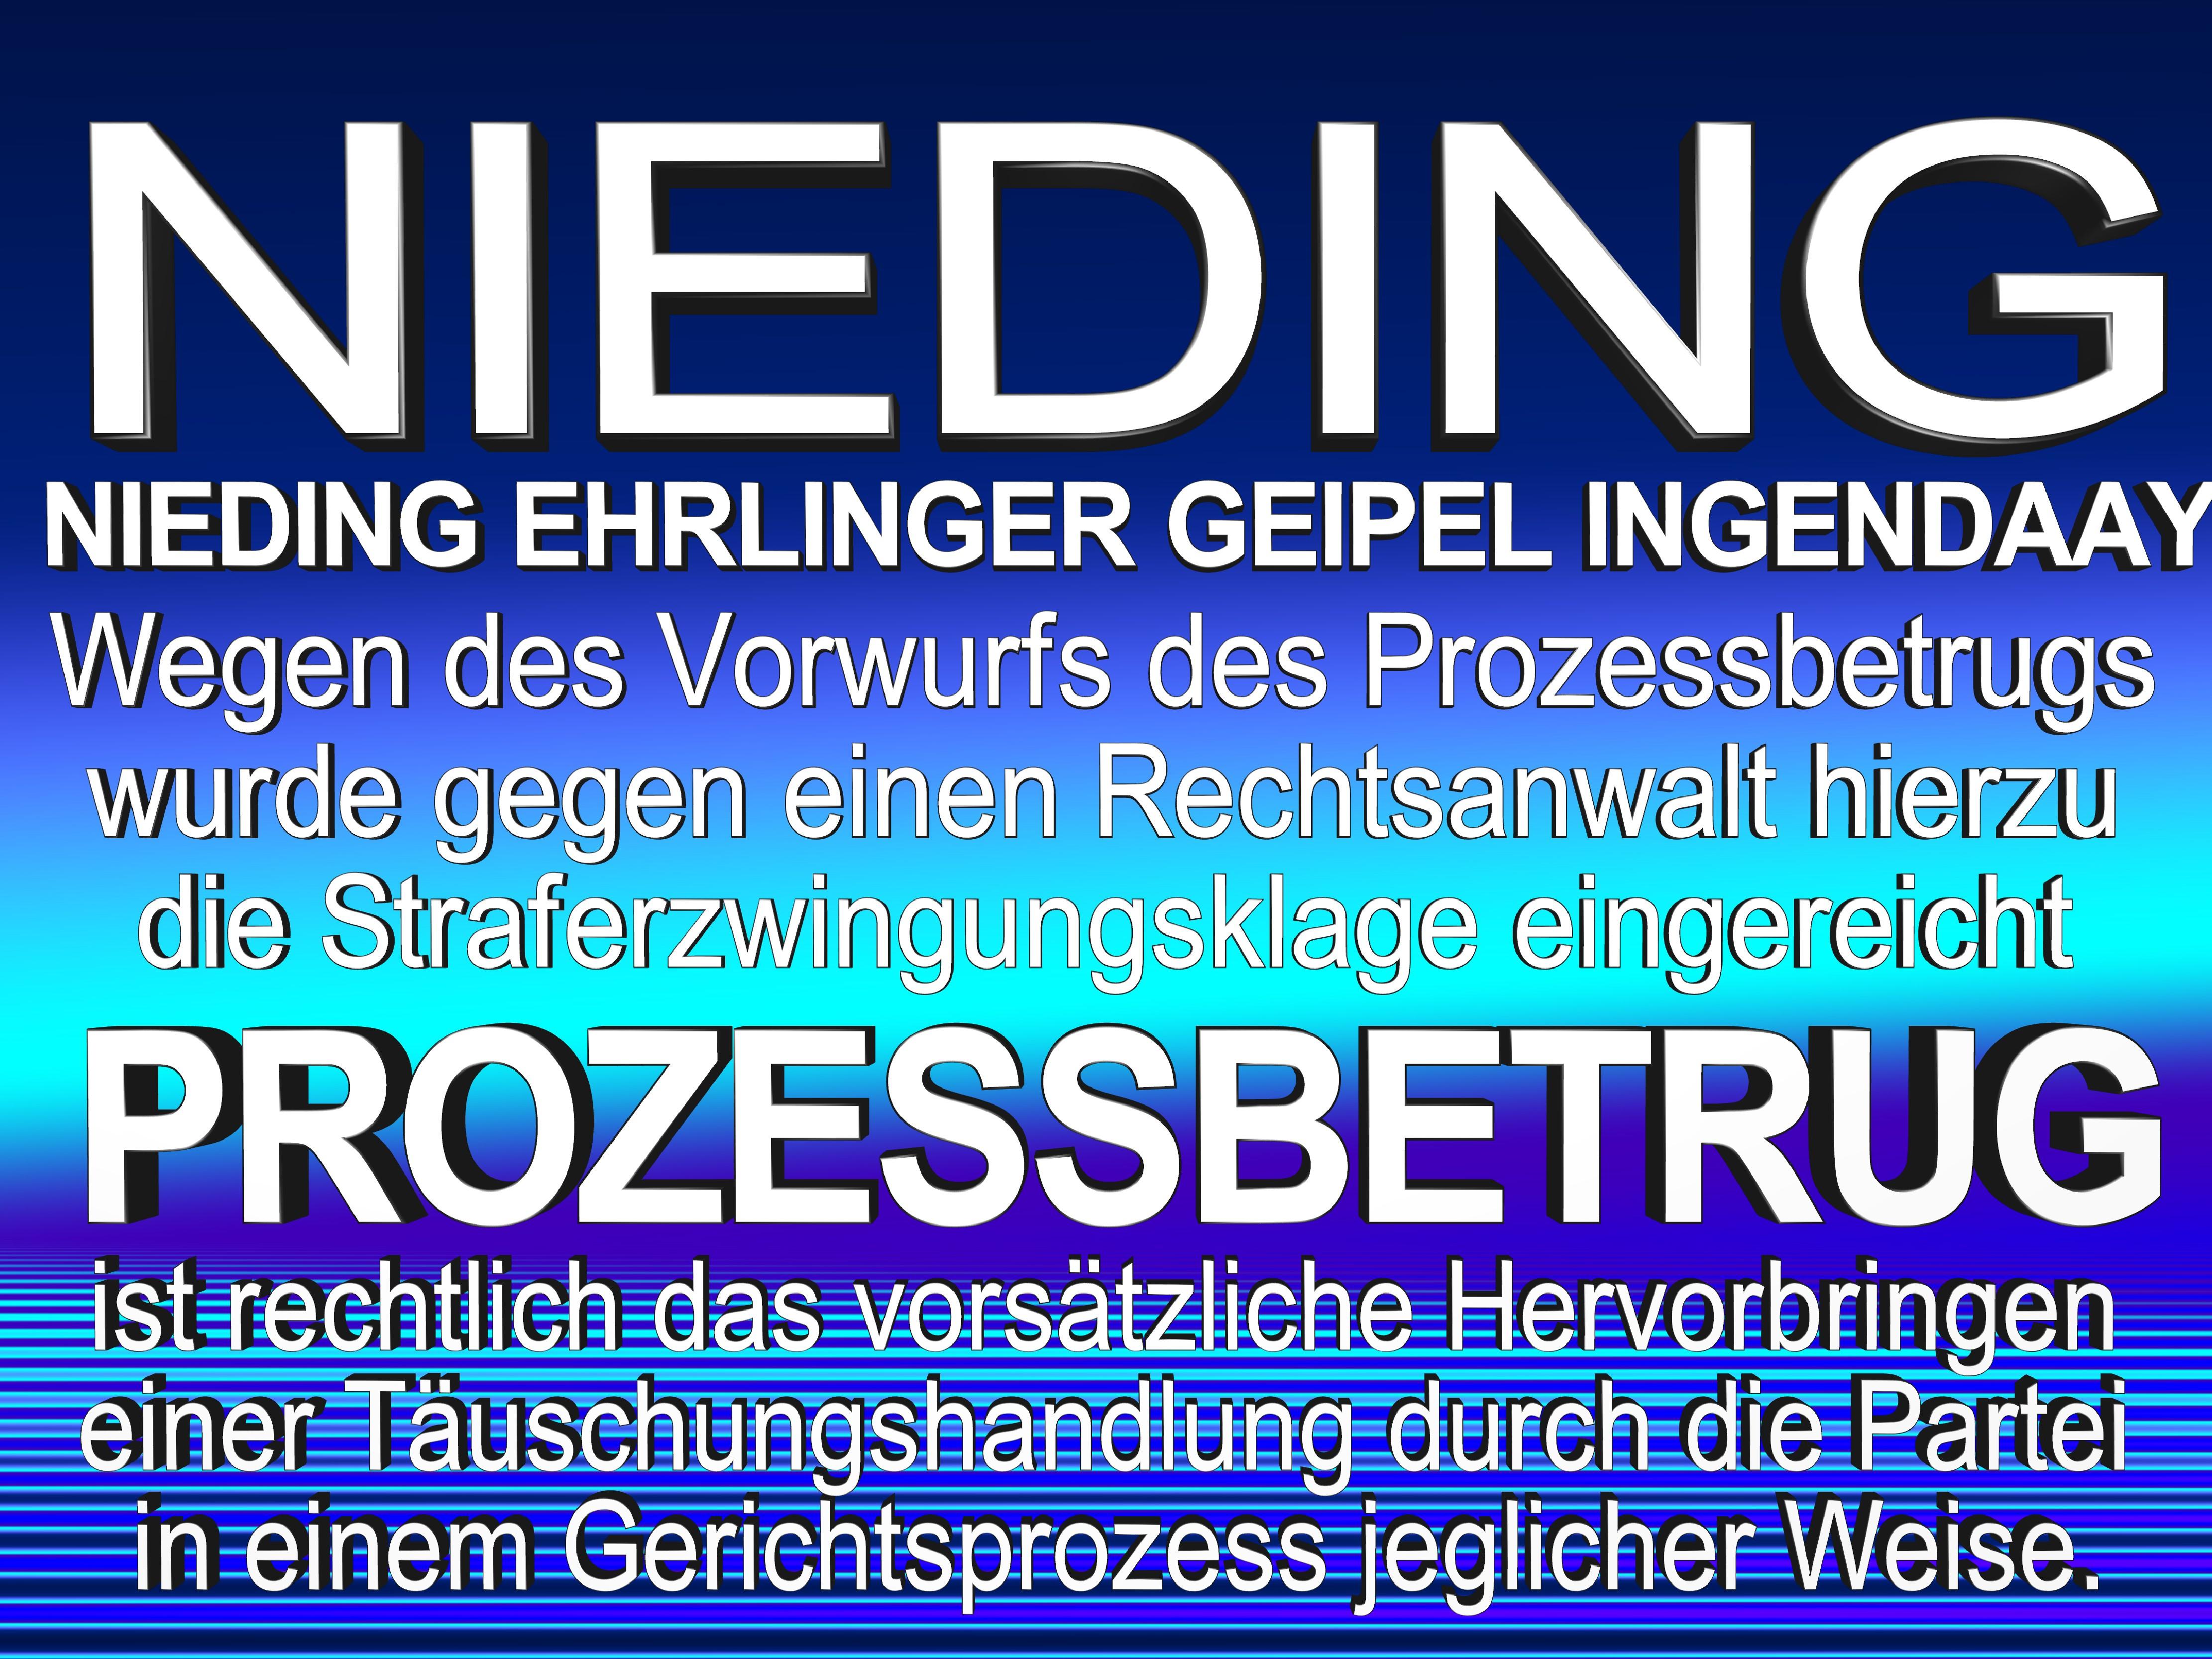 NIEDING EHRLINGER GEIPEL INGENDAAY LELKE Kurfürstendamm 66 Berlin Rechtsanwalt gewerblicher Rechtsschutz Rechtsanwälte(15)